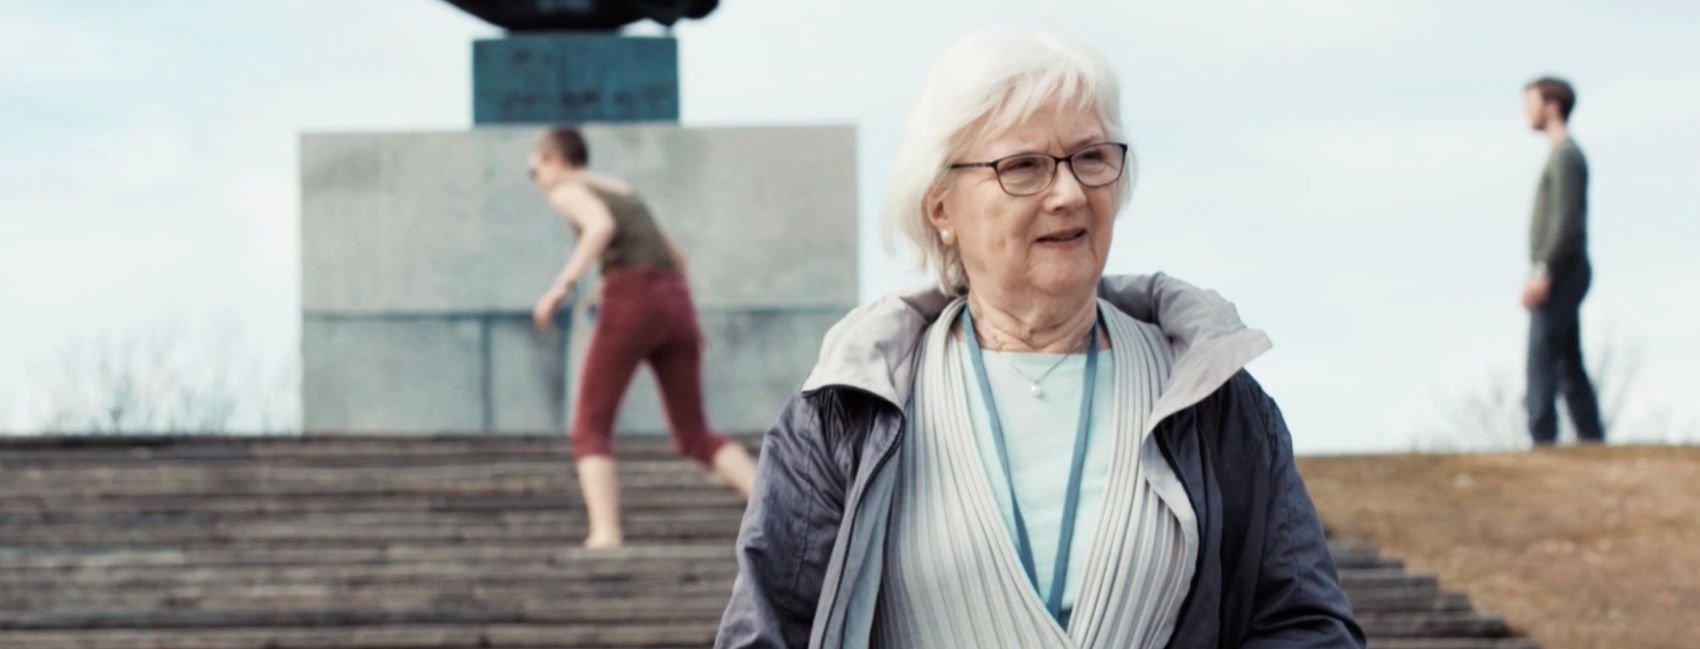 En senior kvinne på gåtur i Vigelandsparken, med Stendi trygghetsalarm rundt halsen.